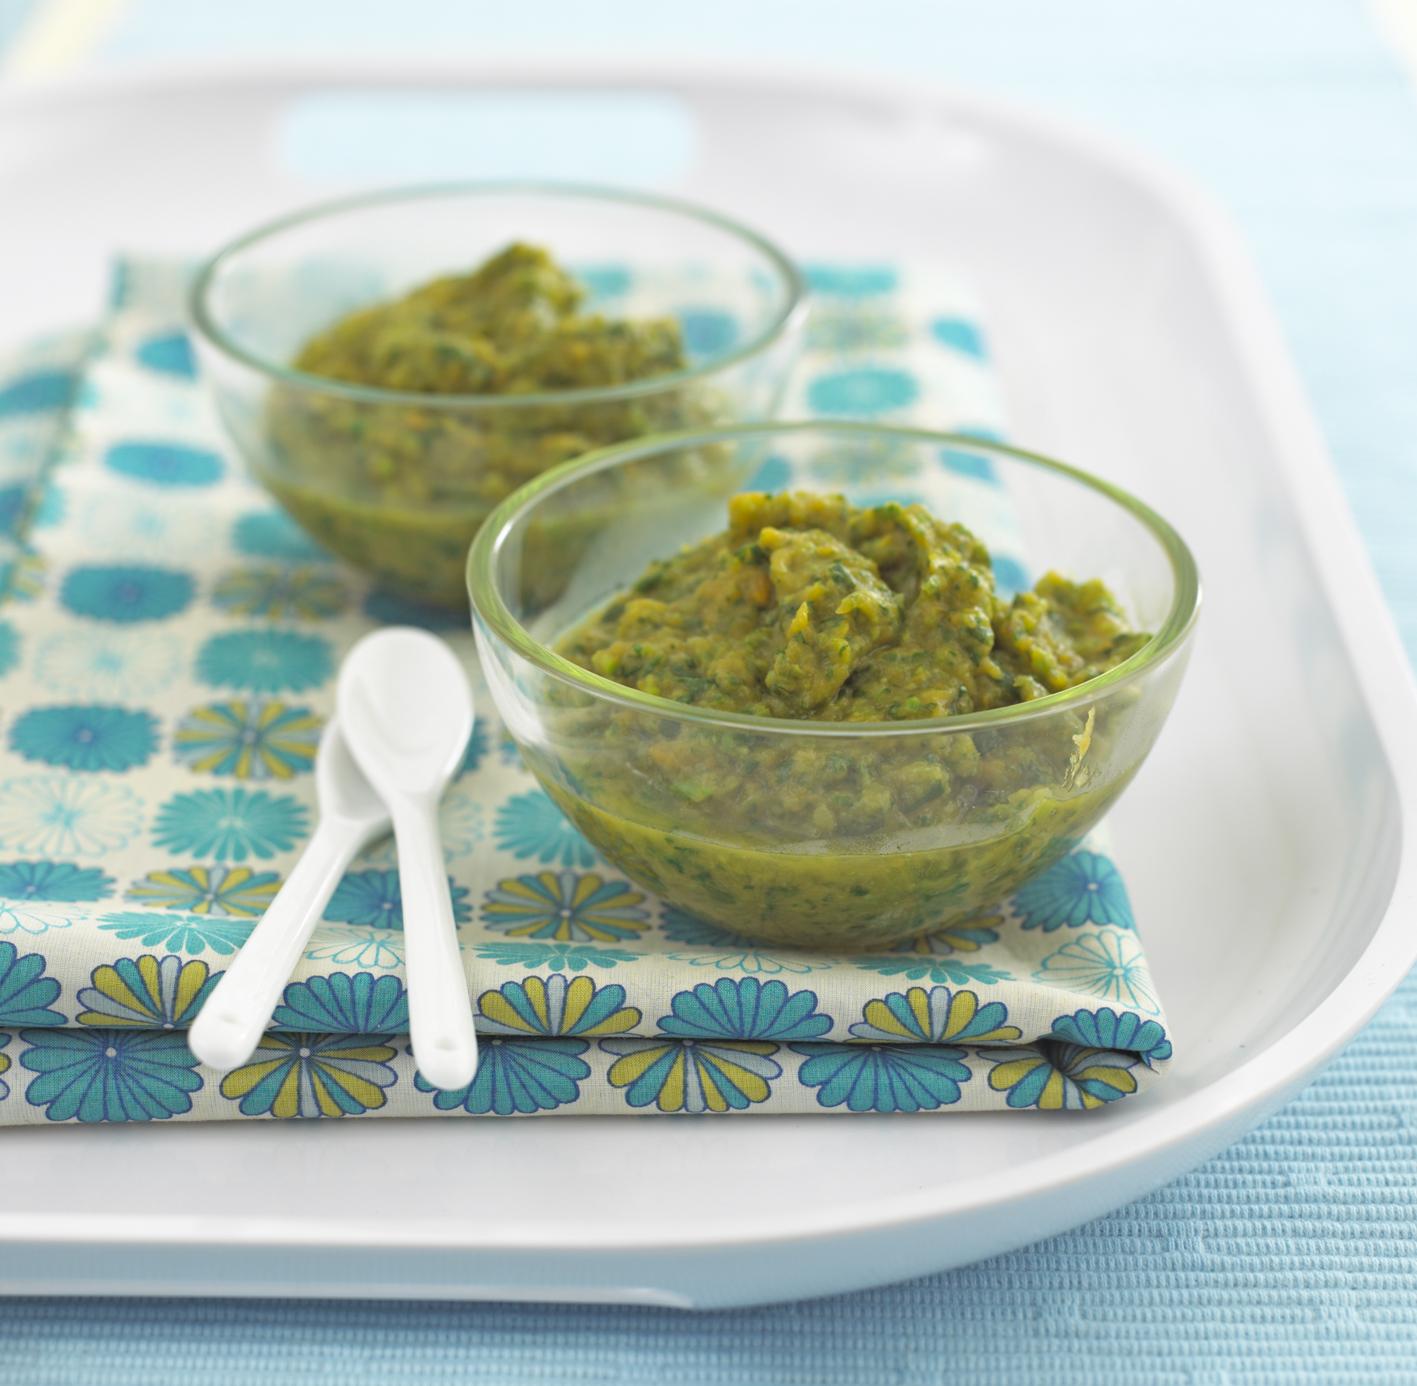 Annabel Karmel's Green Vegetable Recipes